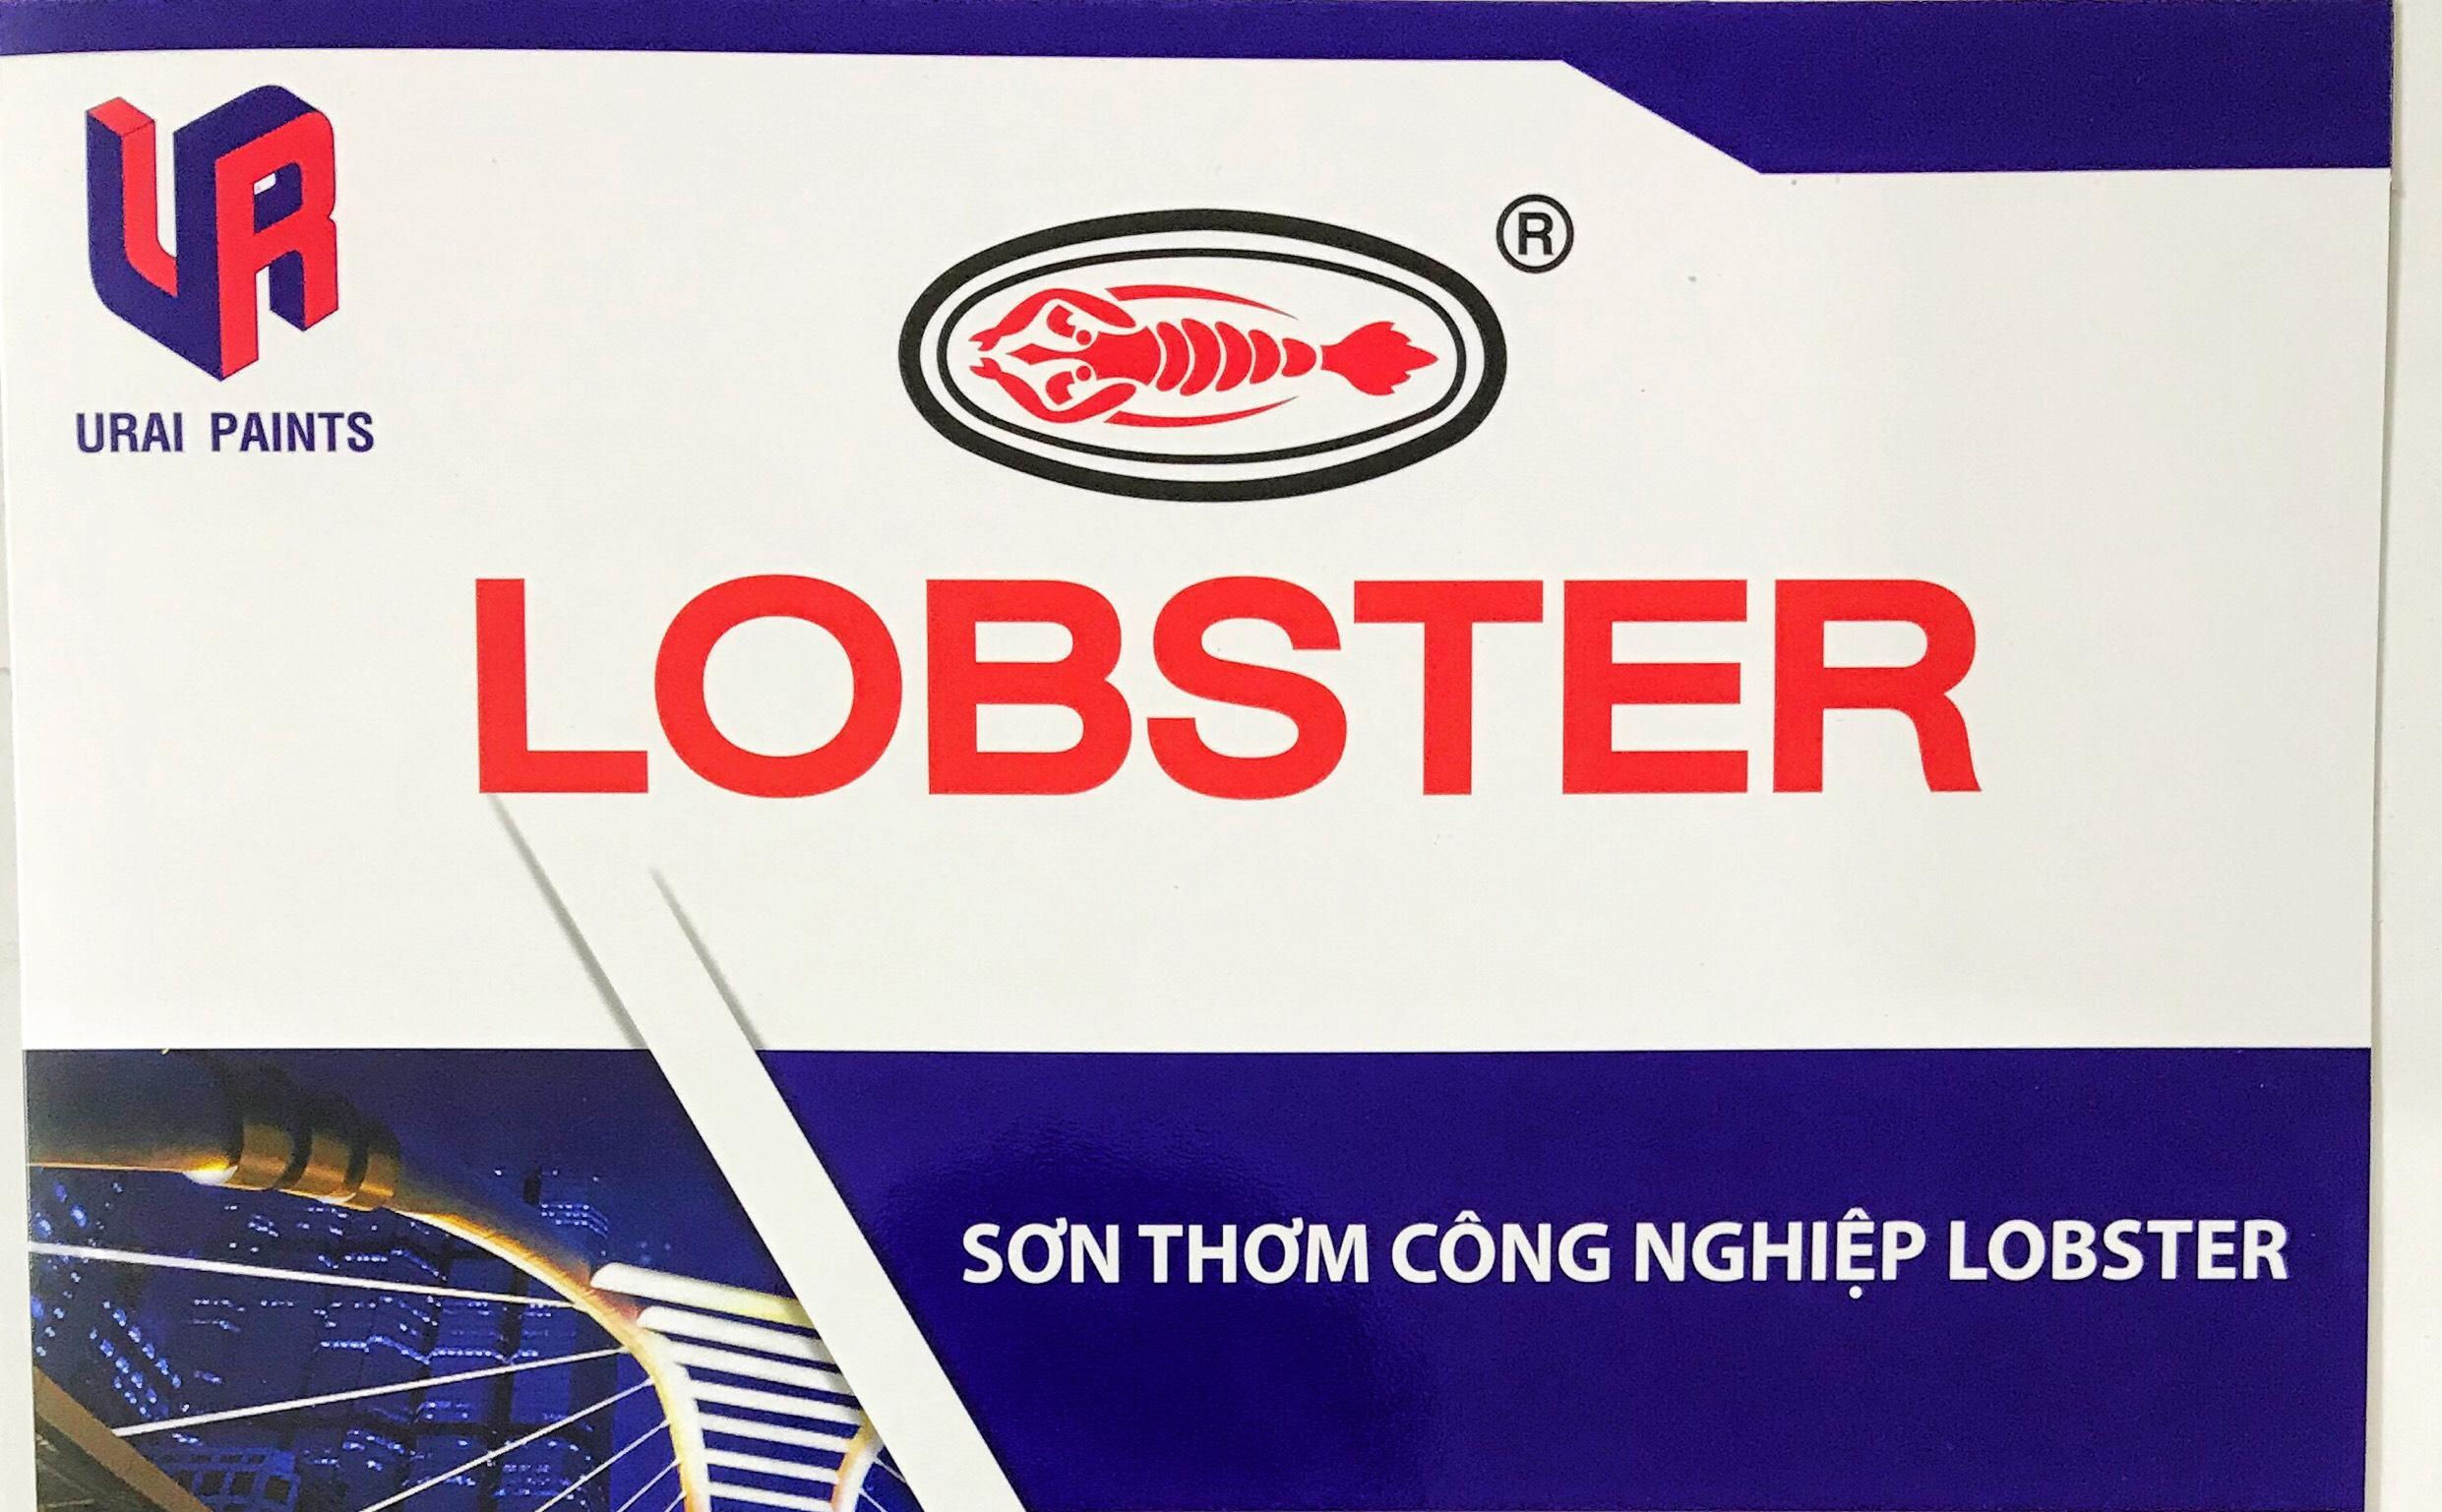 Bảng màu sơn thơm công nghiệp Lobster